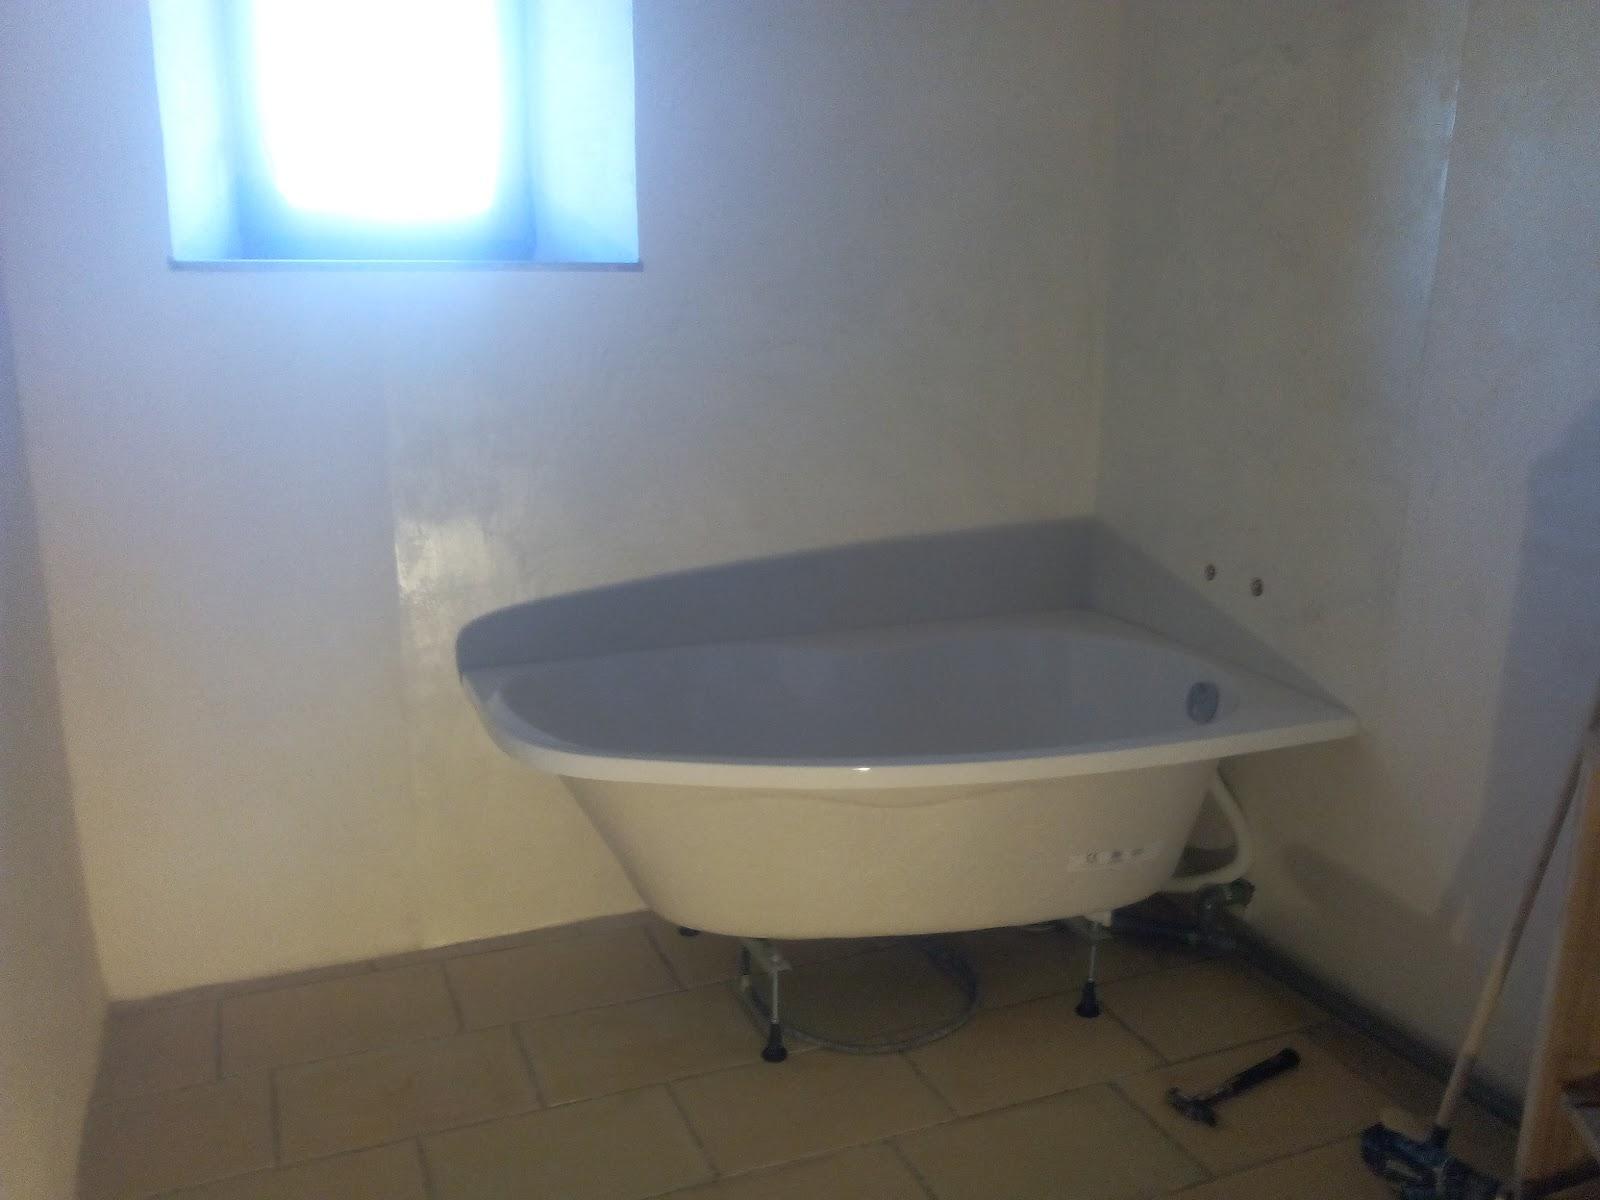 Les barboteurs la salle de bain - Liaison equipotentielle salle de bain ...